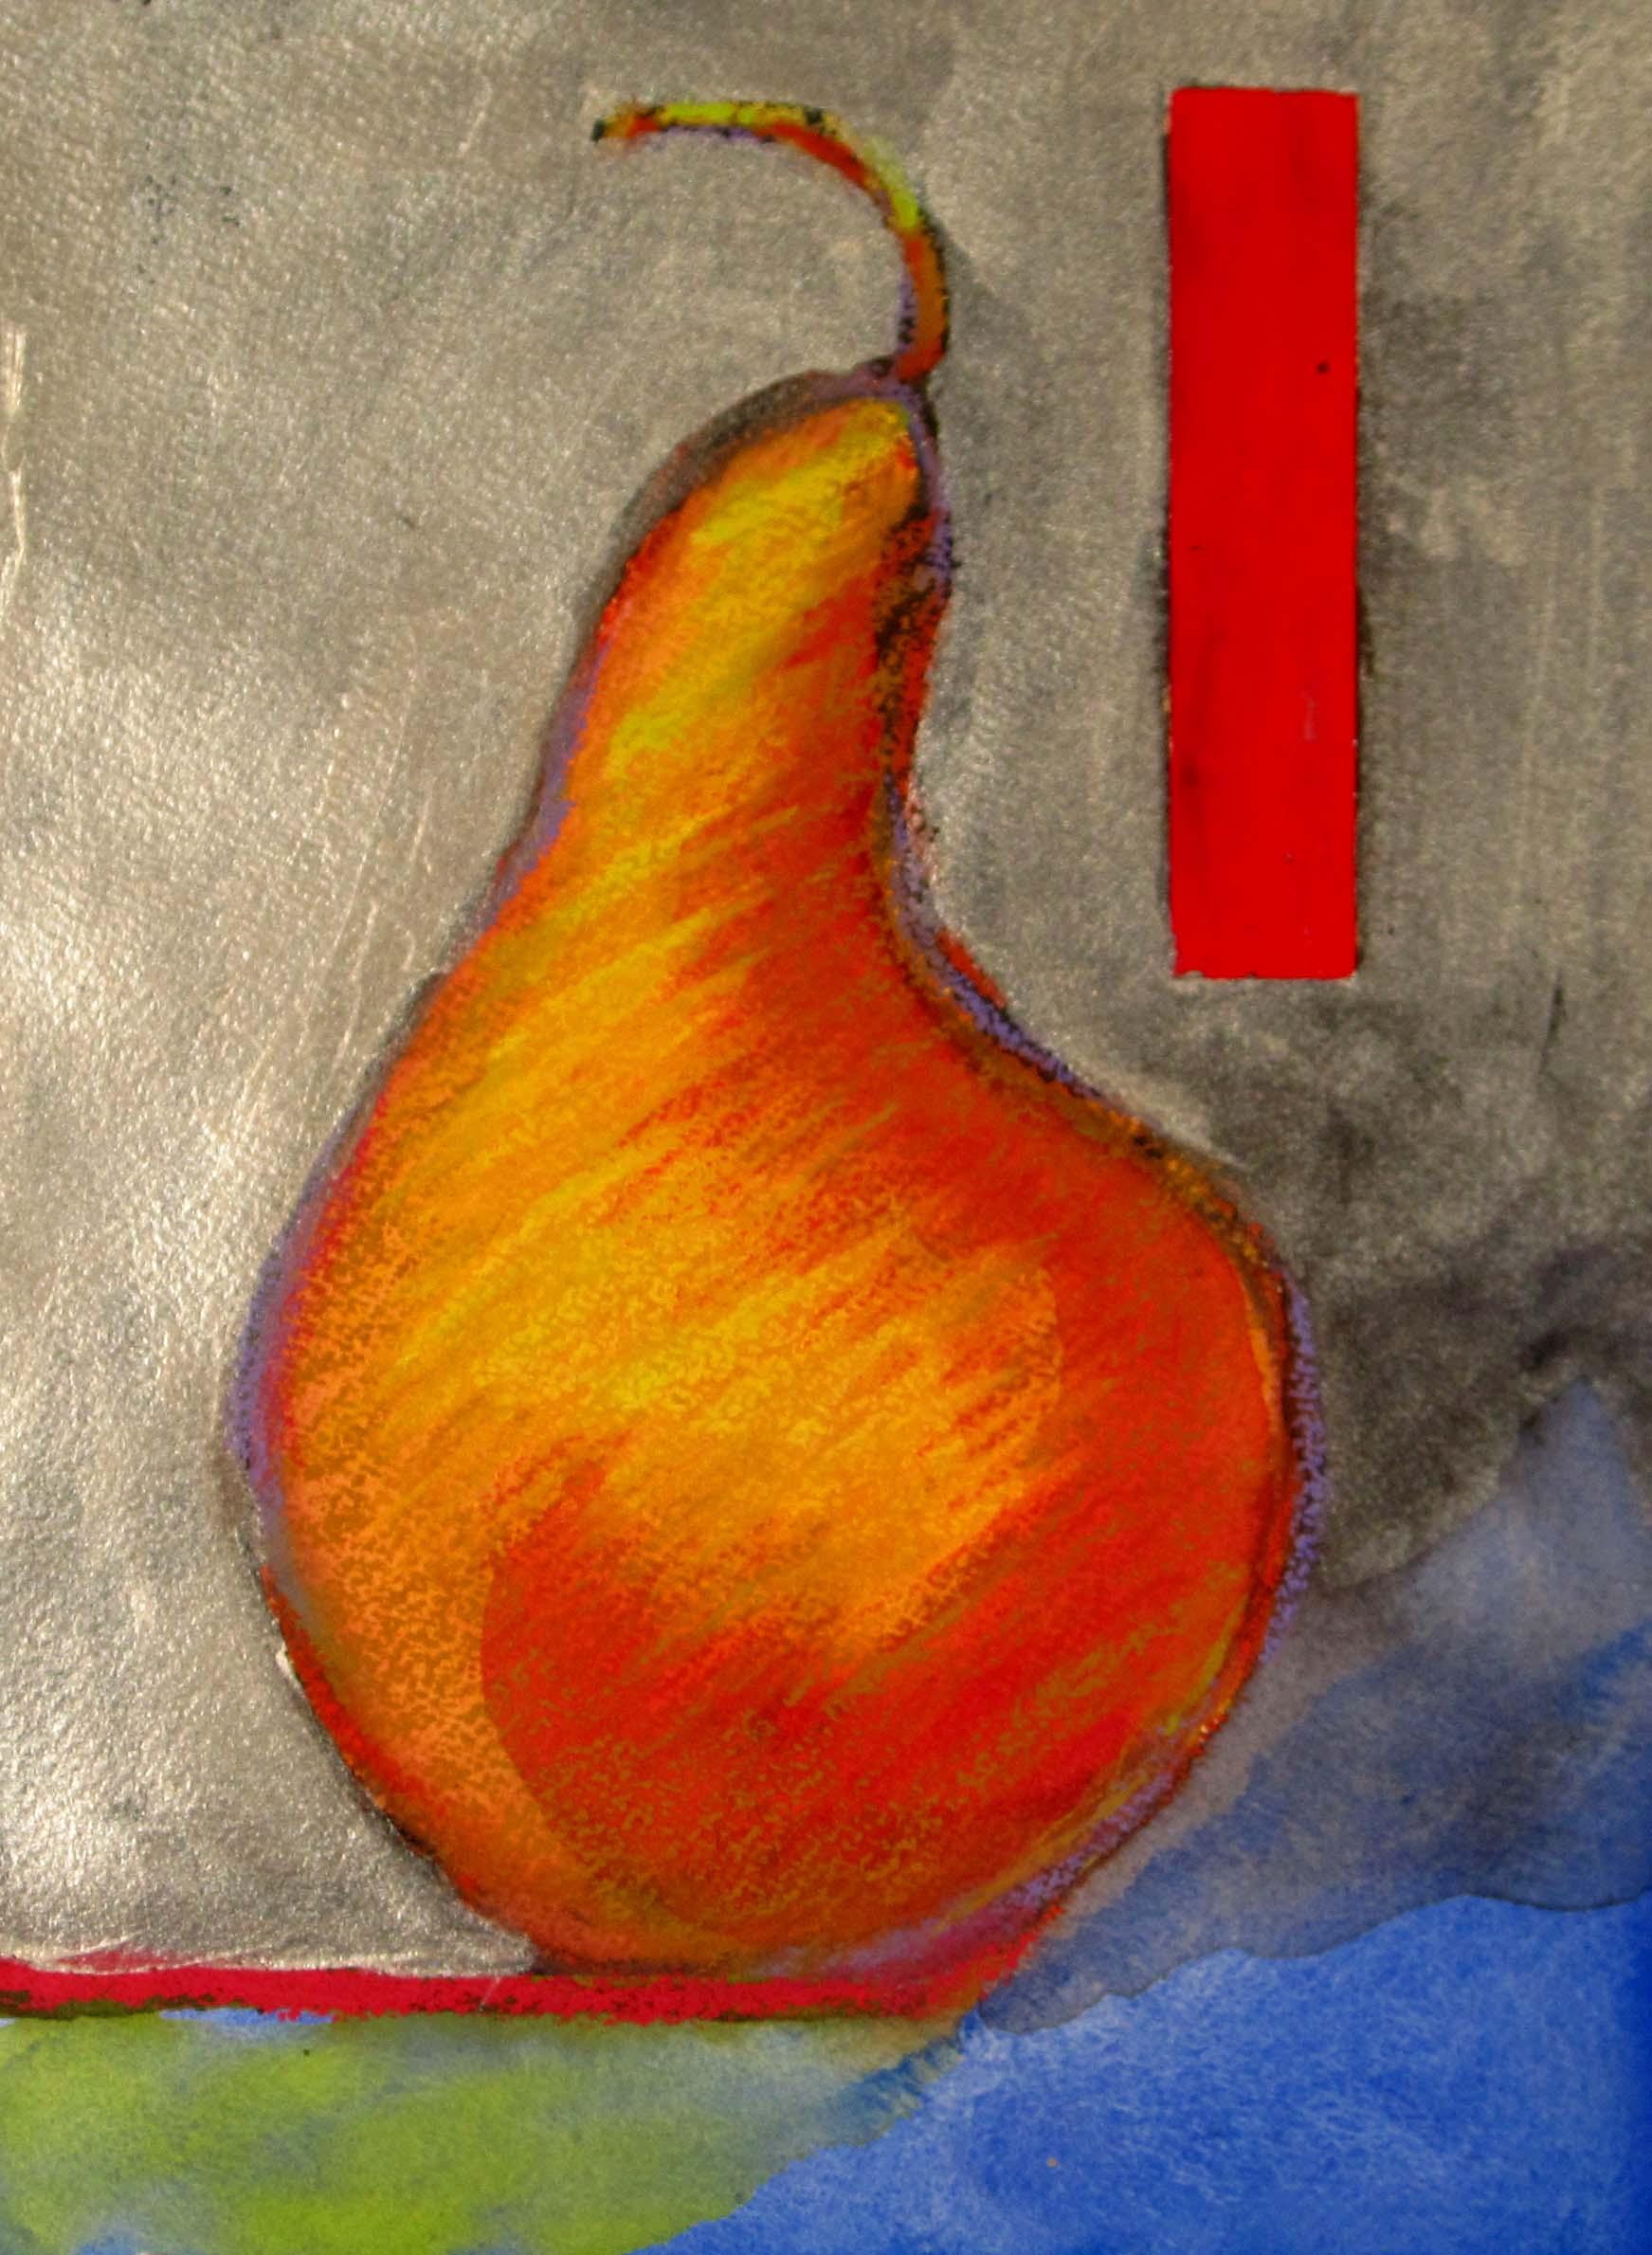 Gallery opening_orange_on_silver.jpg